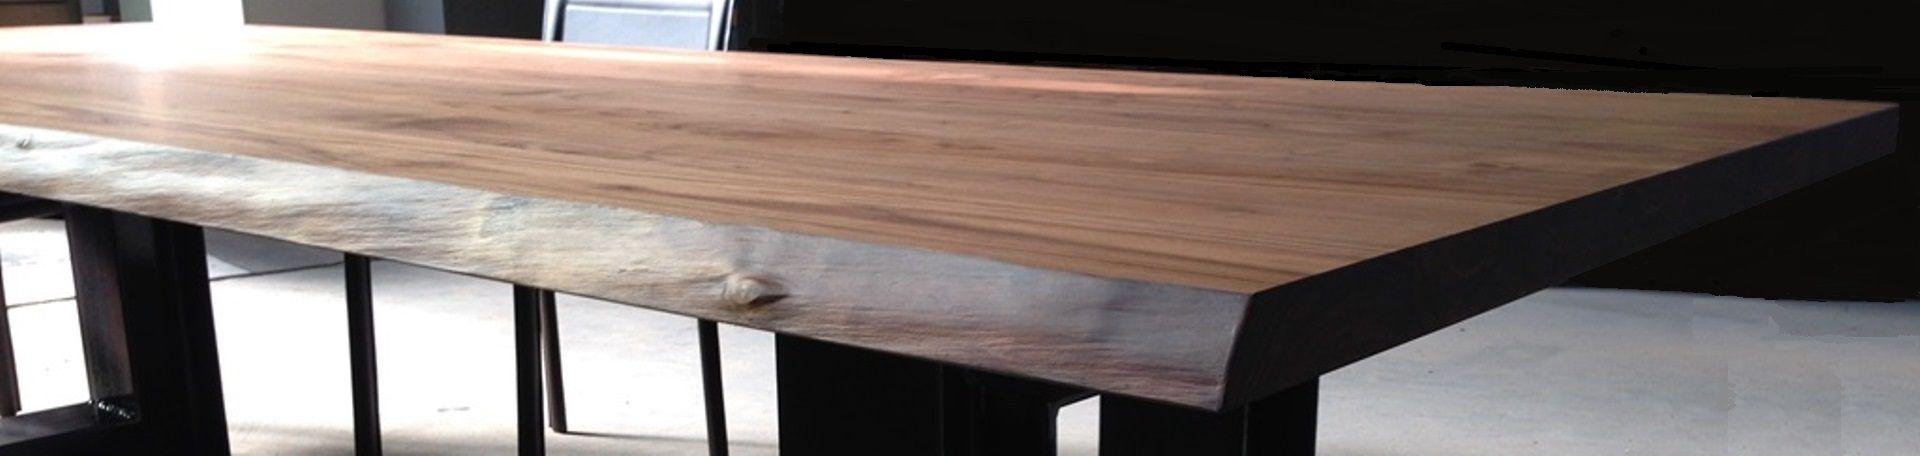 Tavolo degustazione #vino #Esigo per #arredamento di #design #cantina #enoteca - #wine tasting #table - design #furniture - #winecellar wineshop